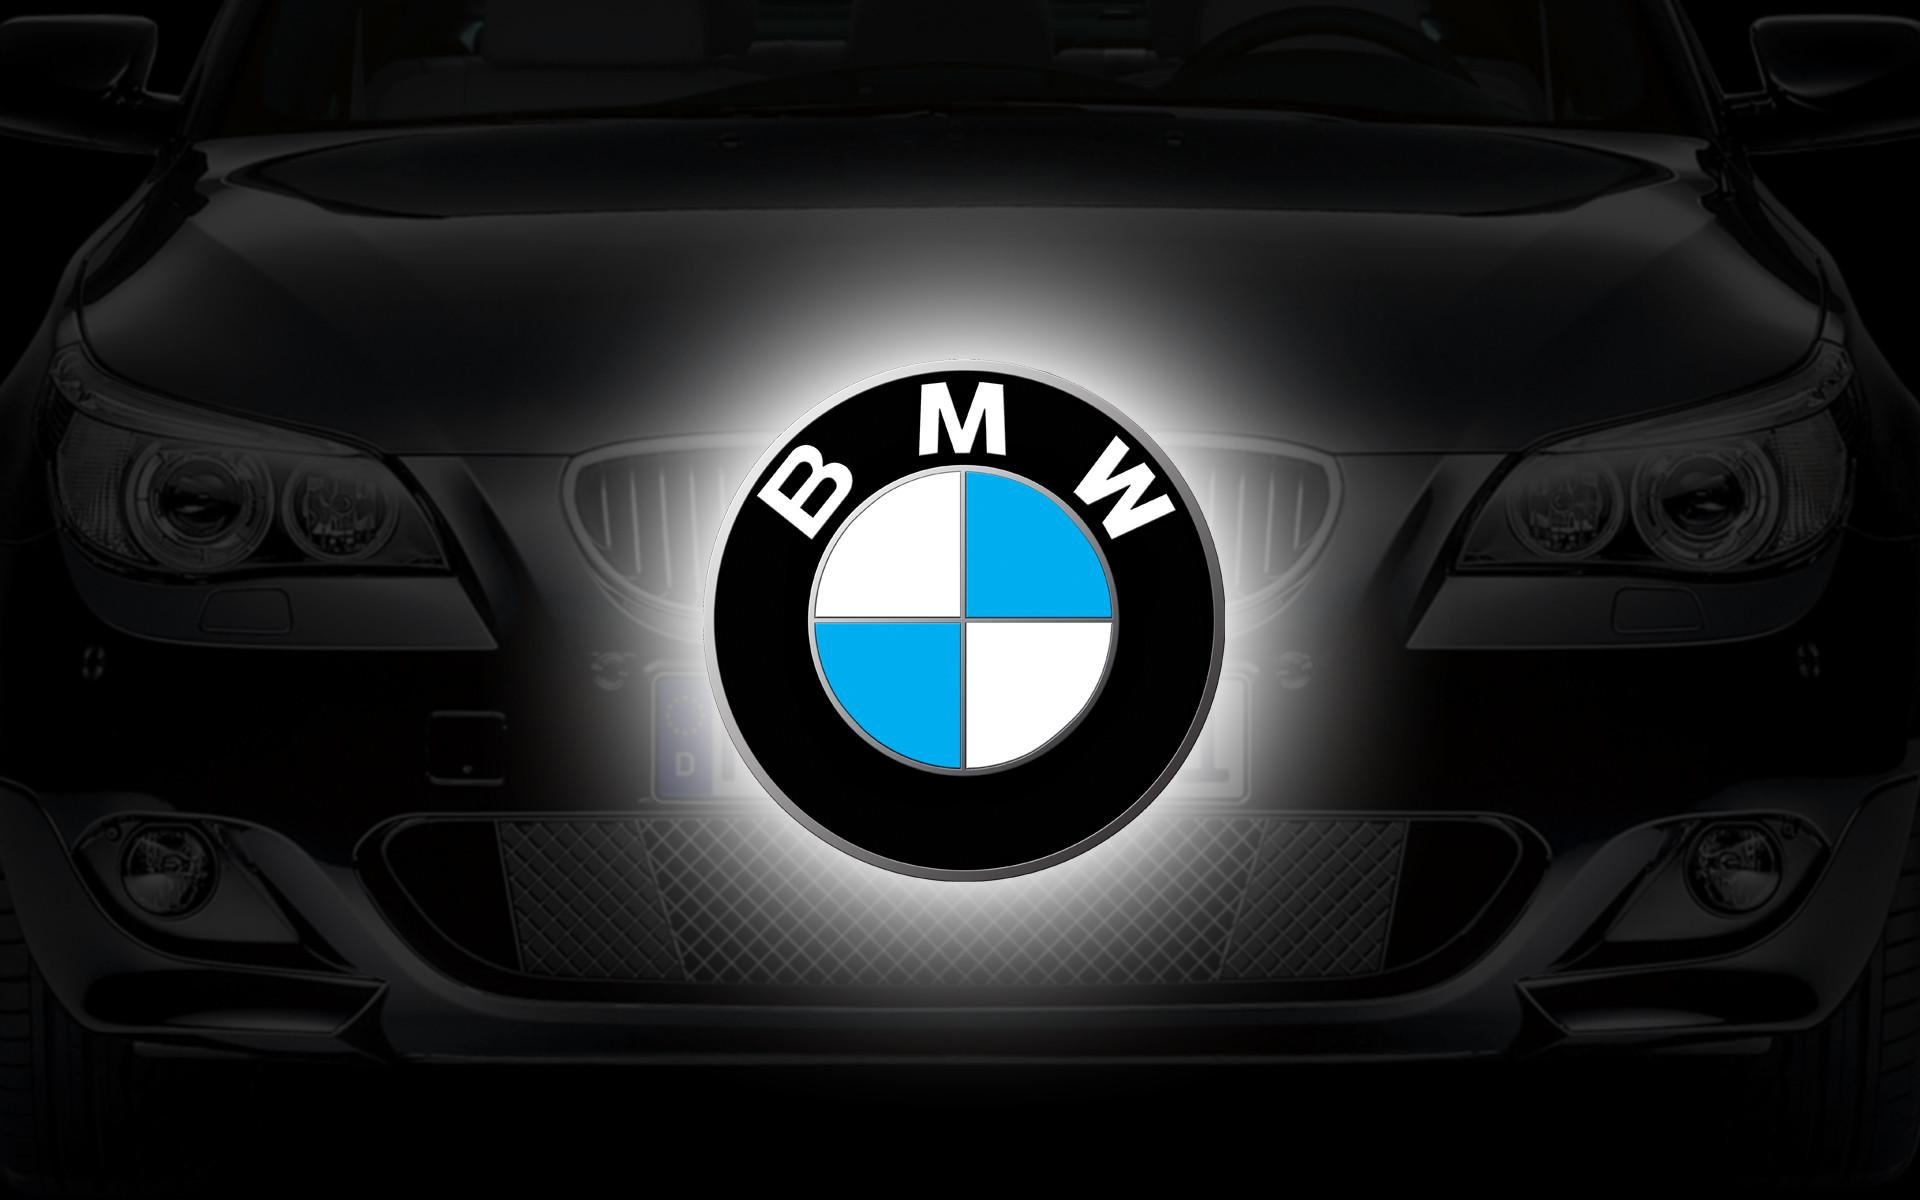 BMW Logo Desktop WallPaper HD – https://imashon.com/w/